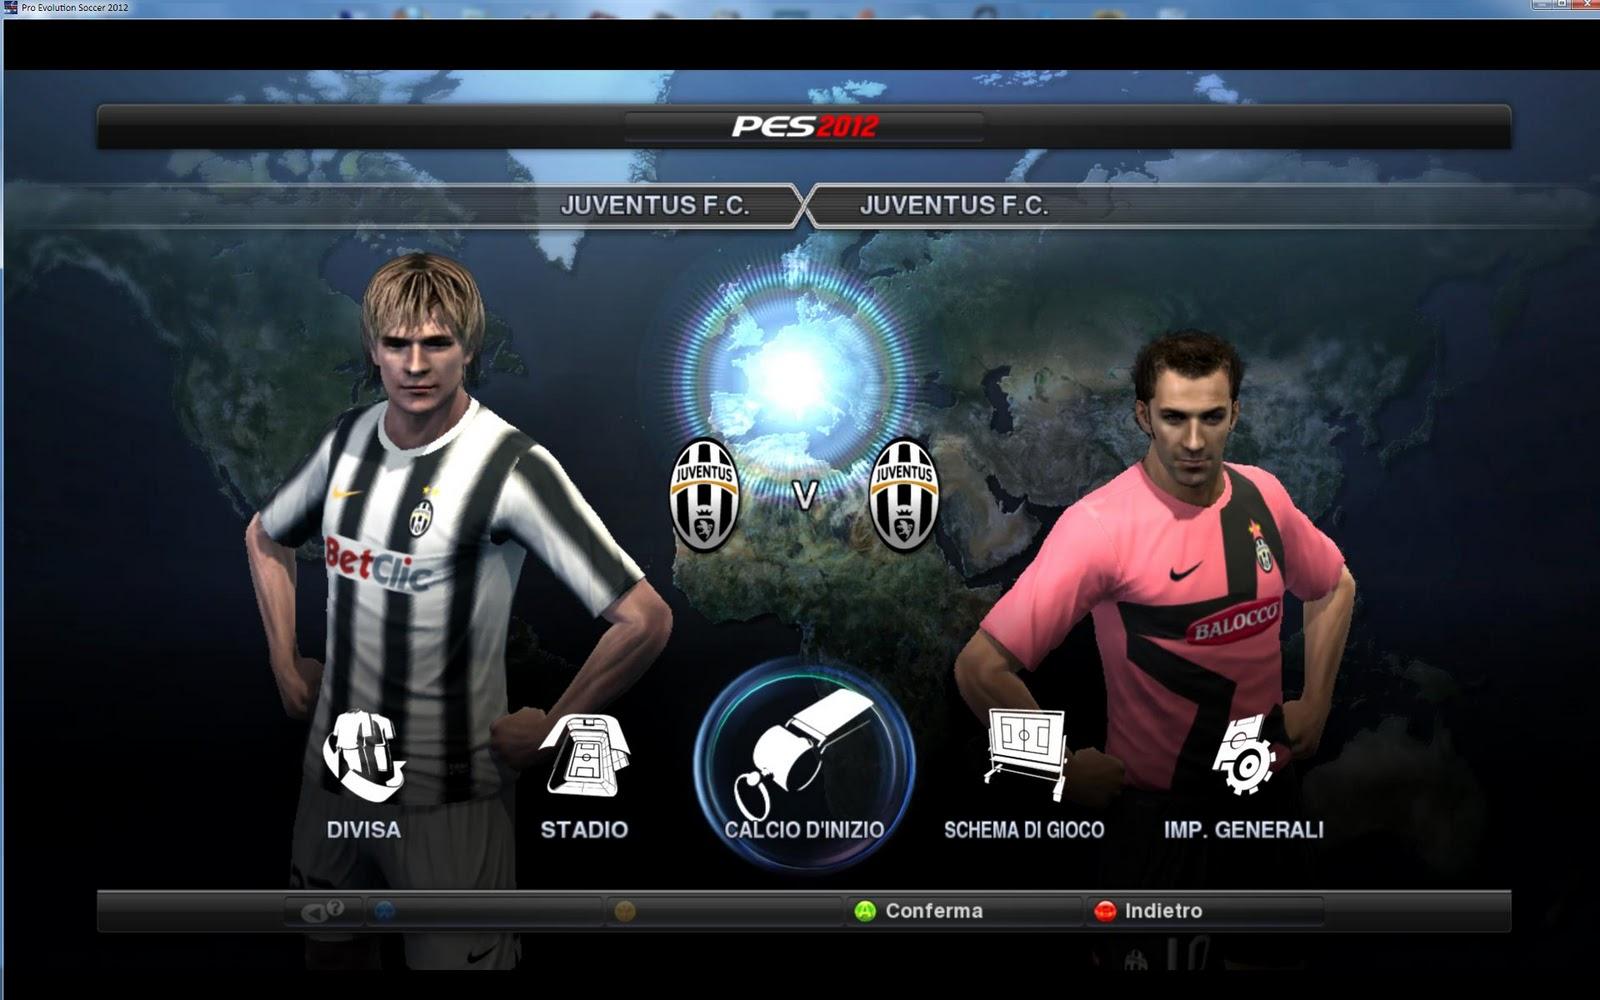 Pes 2012 , Foto Juventus - Juventus Stadium !